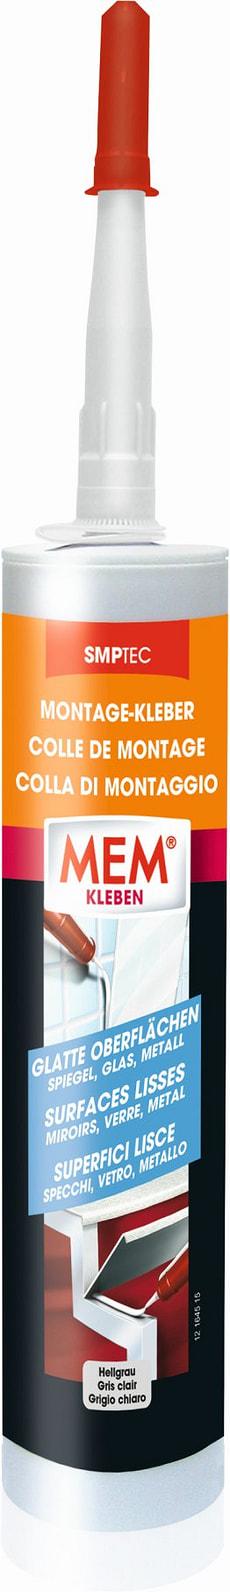 Montage-Kleber Glatt, 390 g